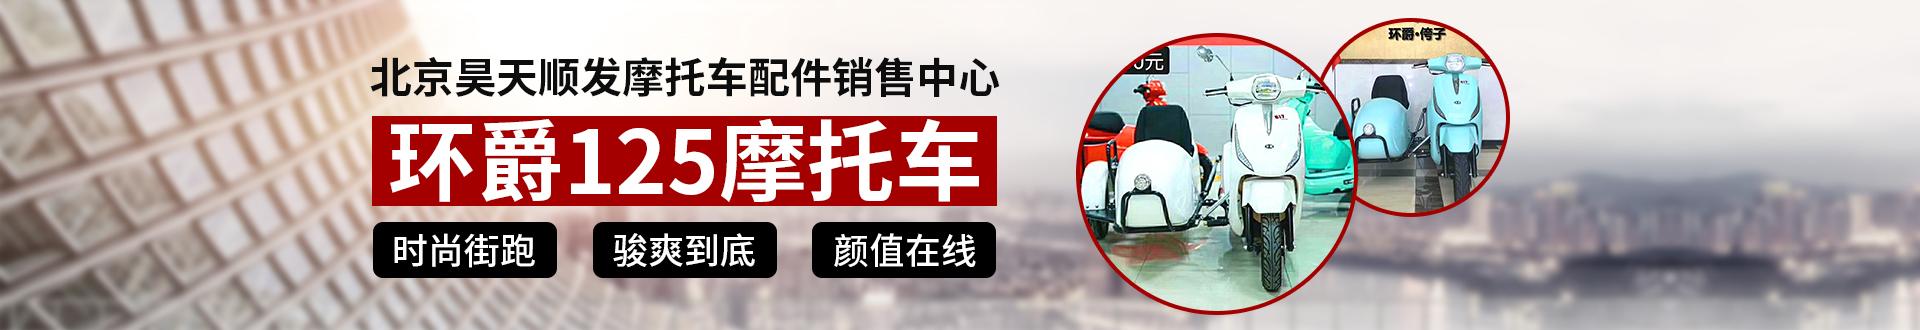 北京昊天顺发摩托车配件销售中心